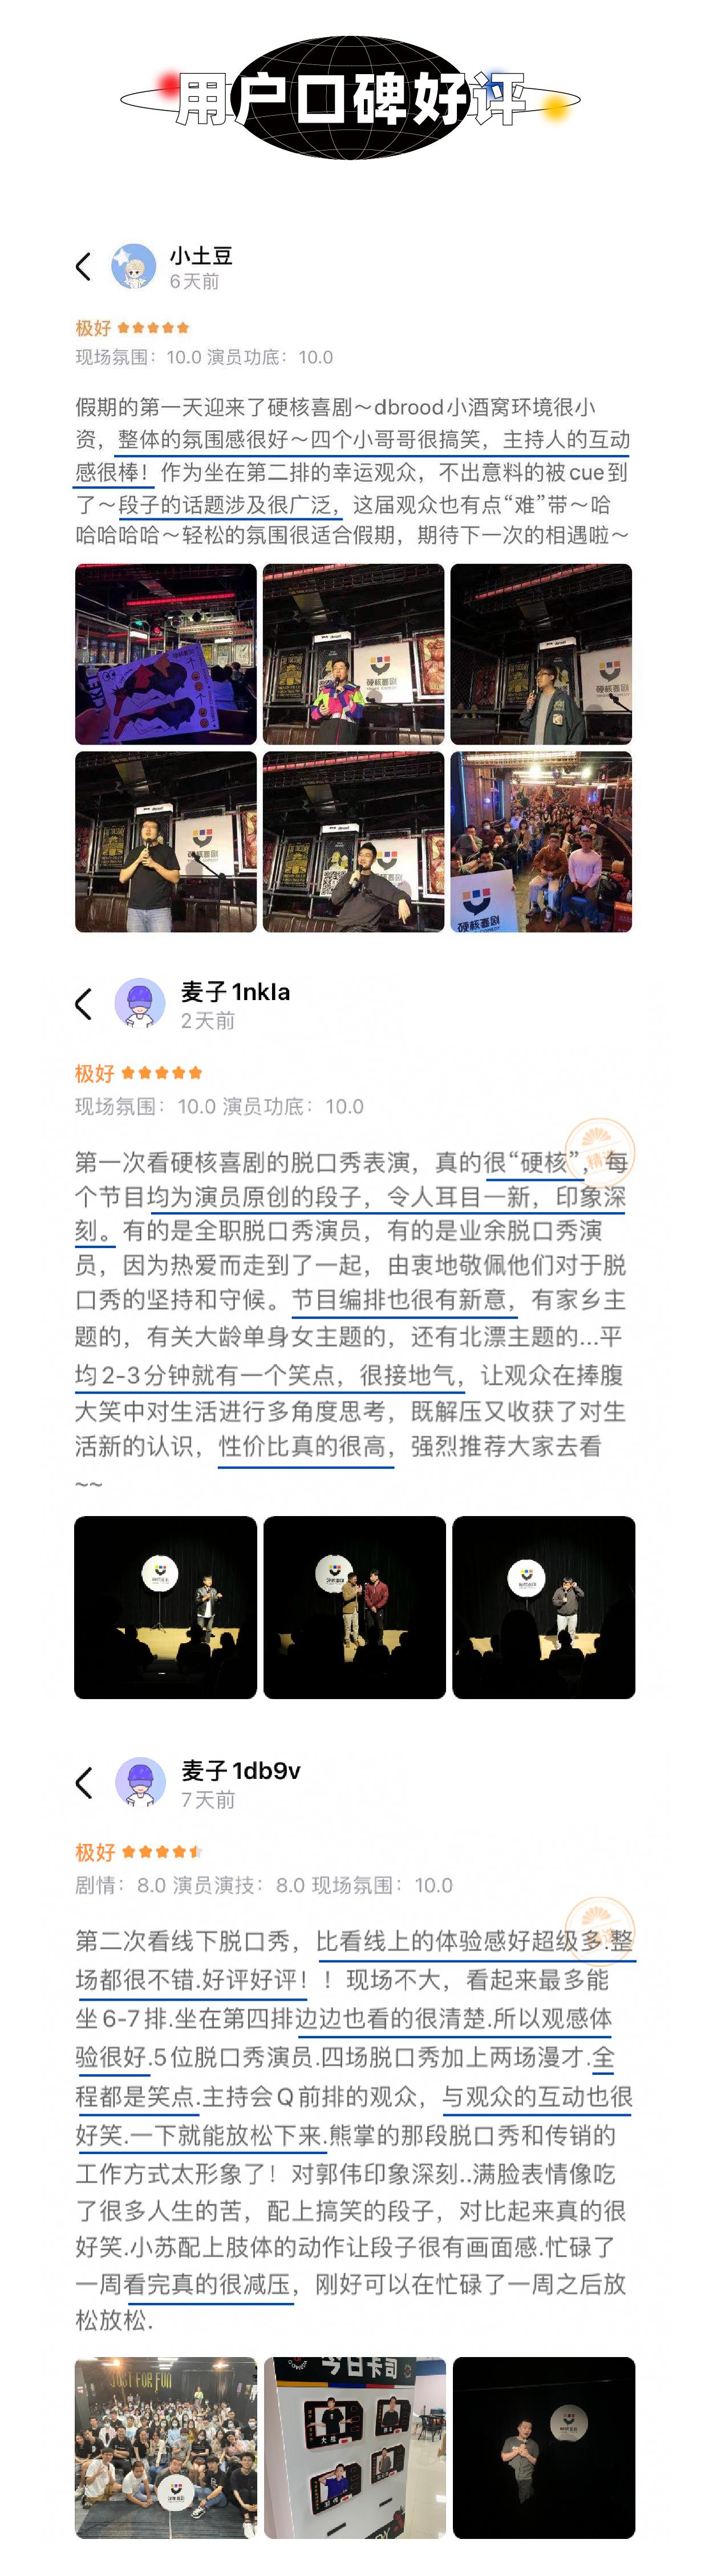 2021硬核喜剧脱口秀周四开放麦(南山)-深圳站